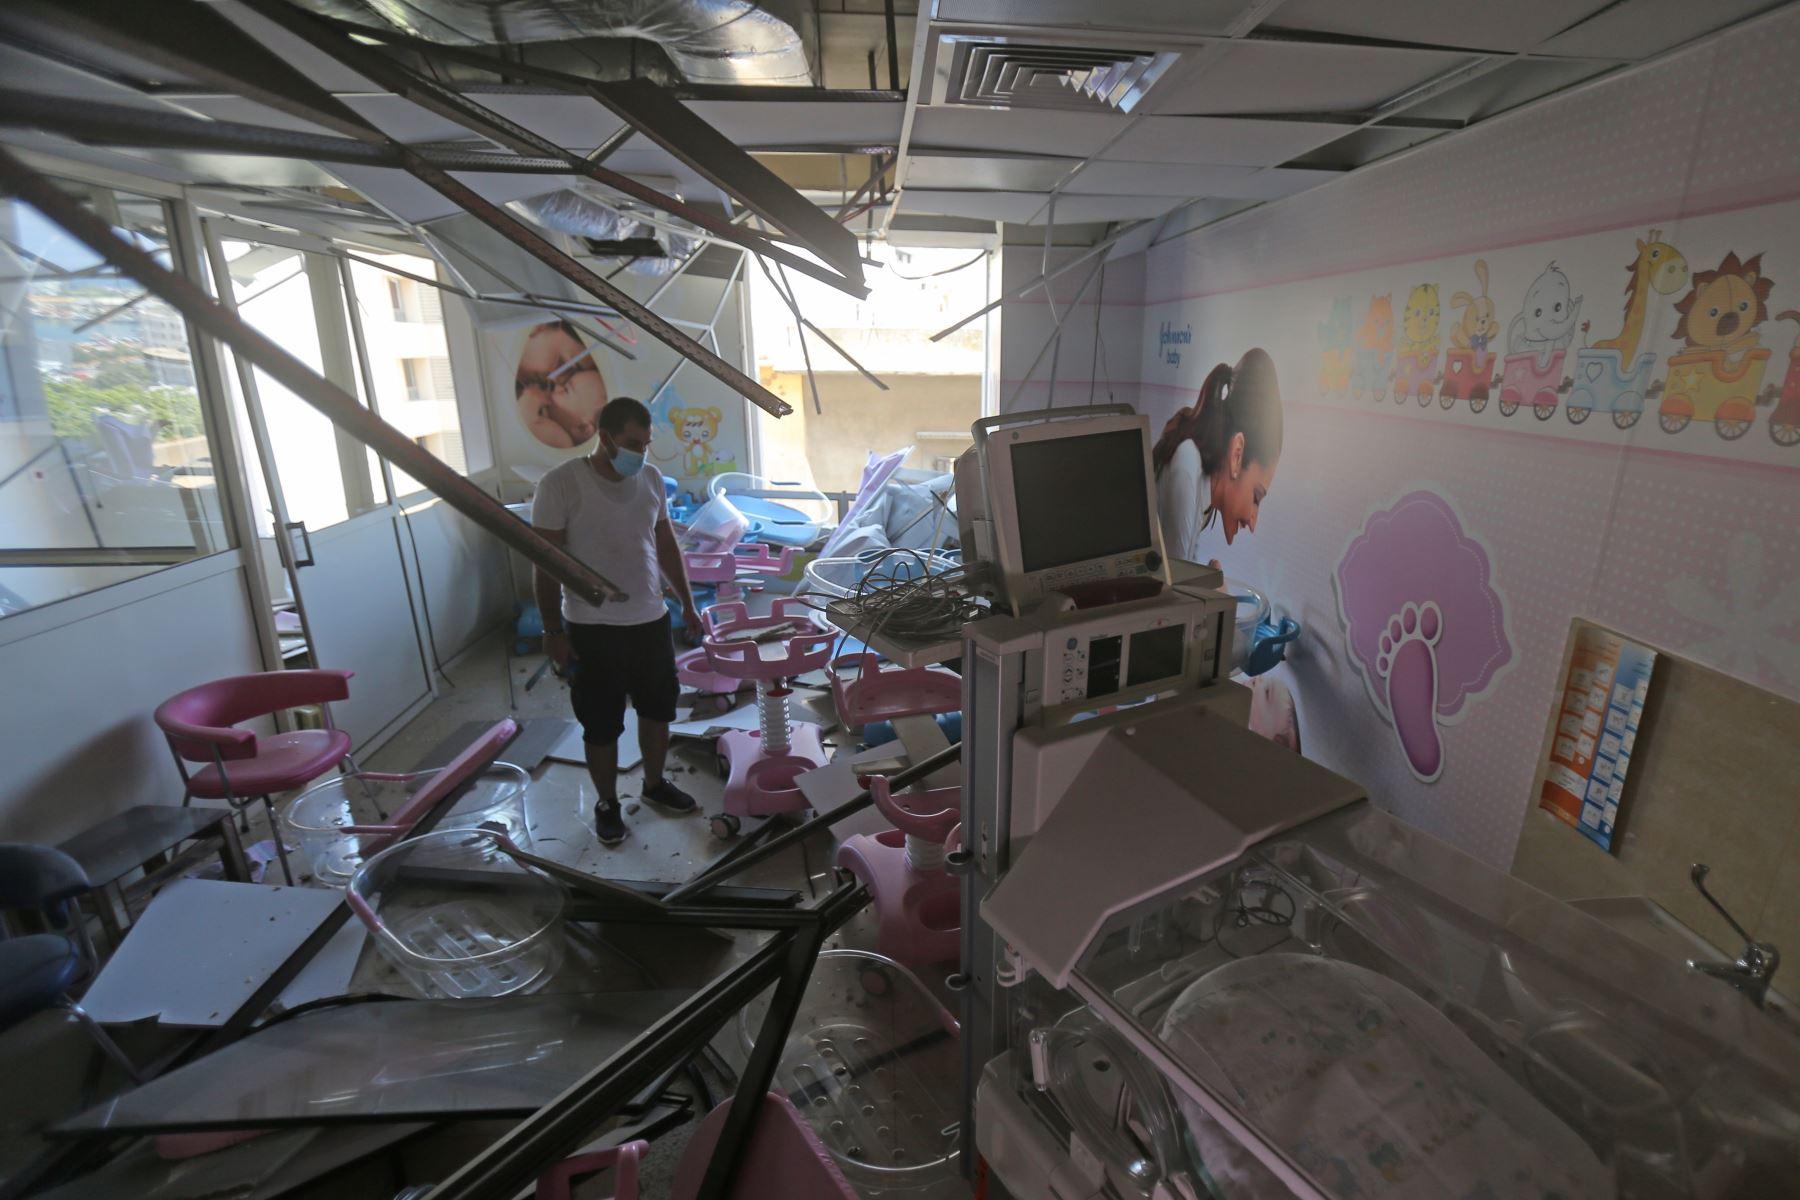 Daños en la zona de pediatria del hospital de Wardieh tras la explosión de ayer que arrasó la capital del Líbano y resultó de la ignición de un enorme depósito de nitrato de amonio en el puerto. Foto: AFP